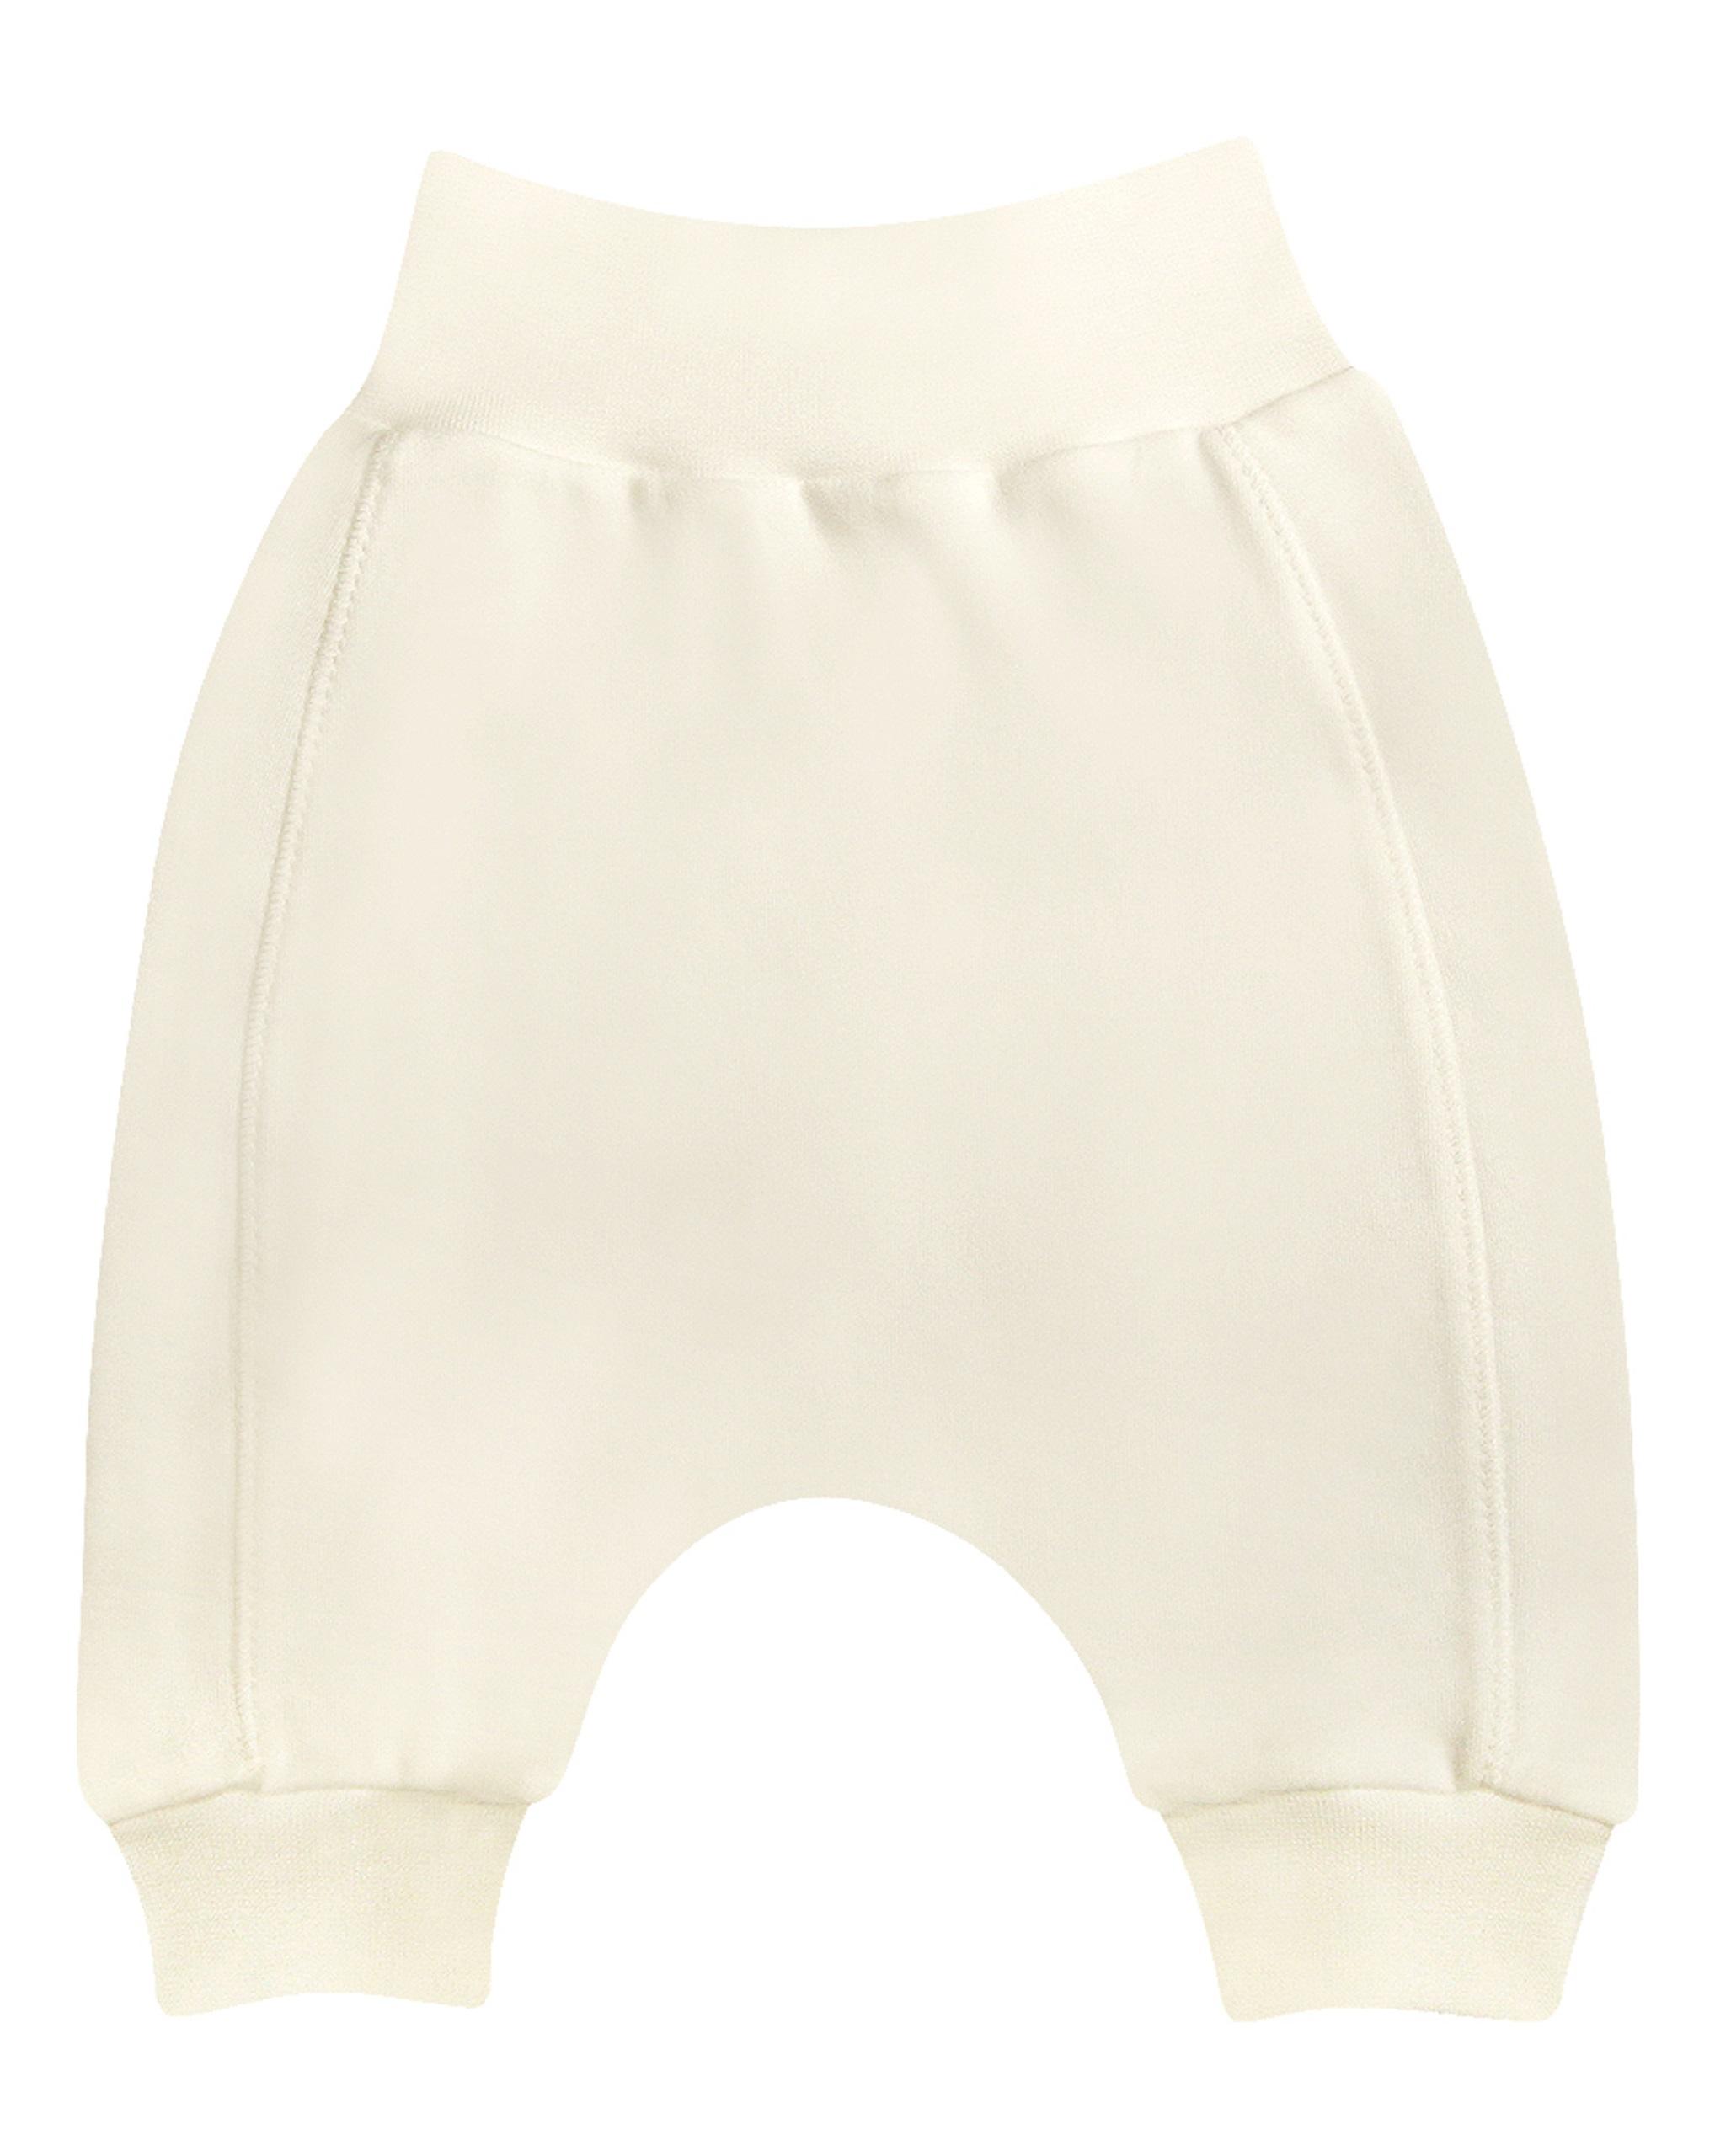 820747b2f6d203 Escallante NINI Spodnie niemowlęce ABN-0932 r.86 - 7274558207 ...